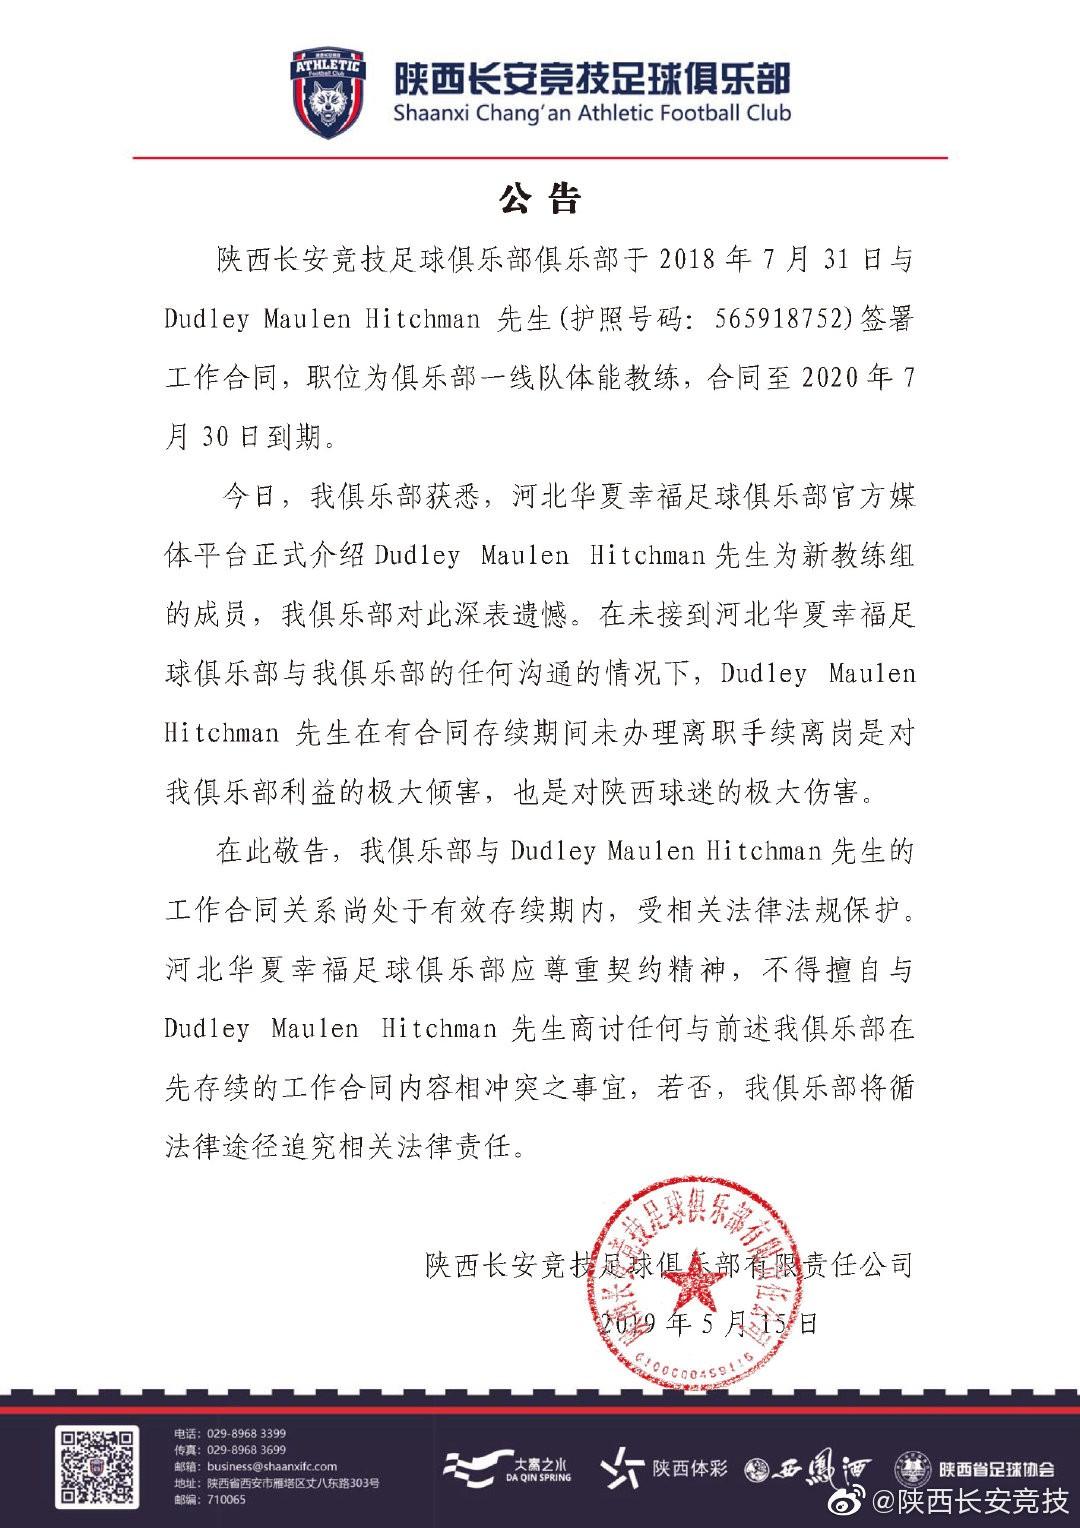 陕西谴责河北华夏幸福:在未沟通的情况下挖角我队教练组成员